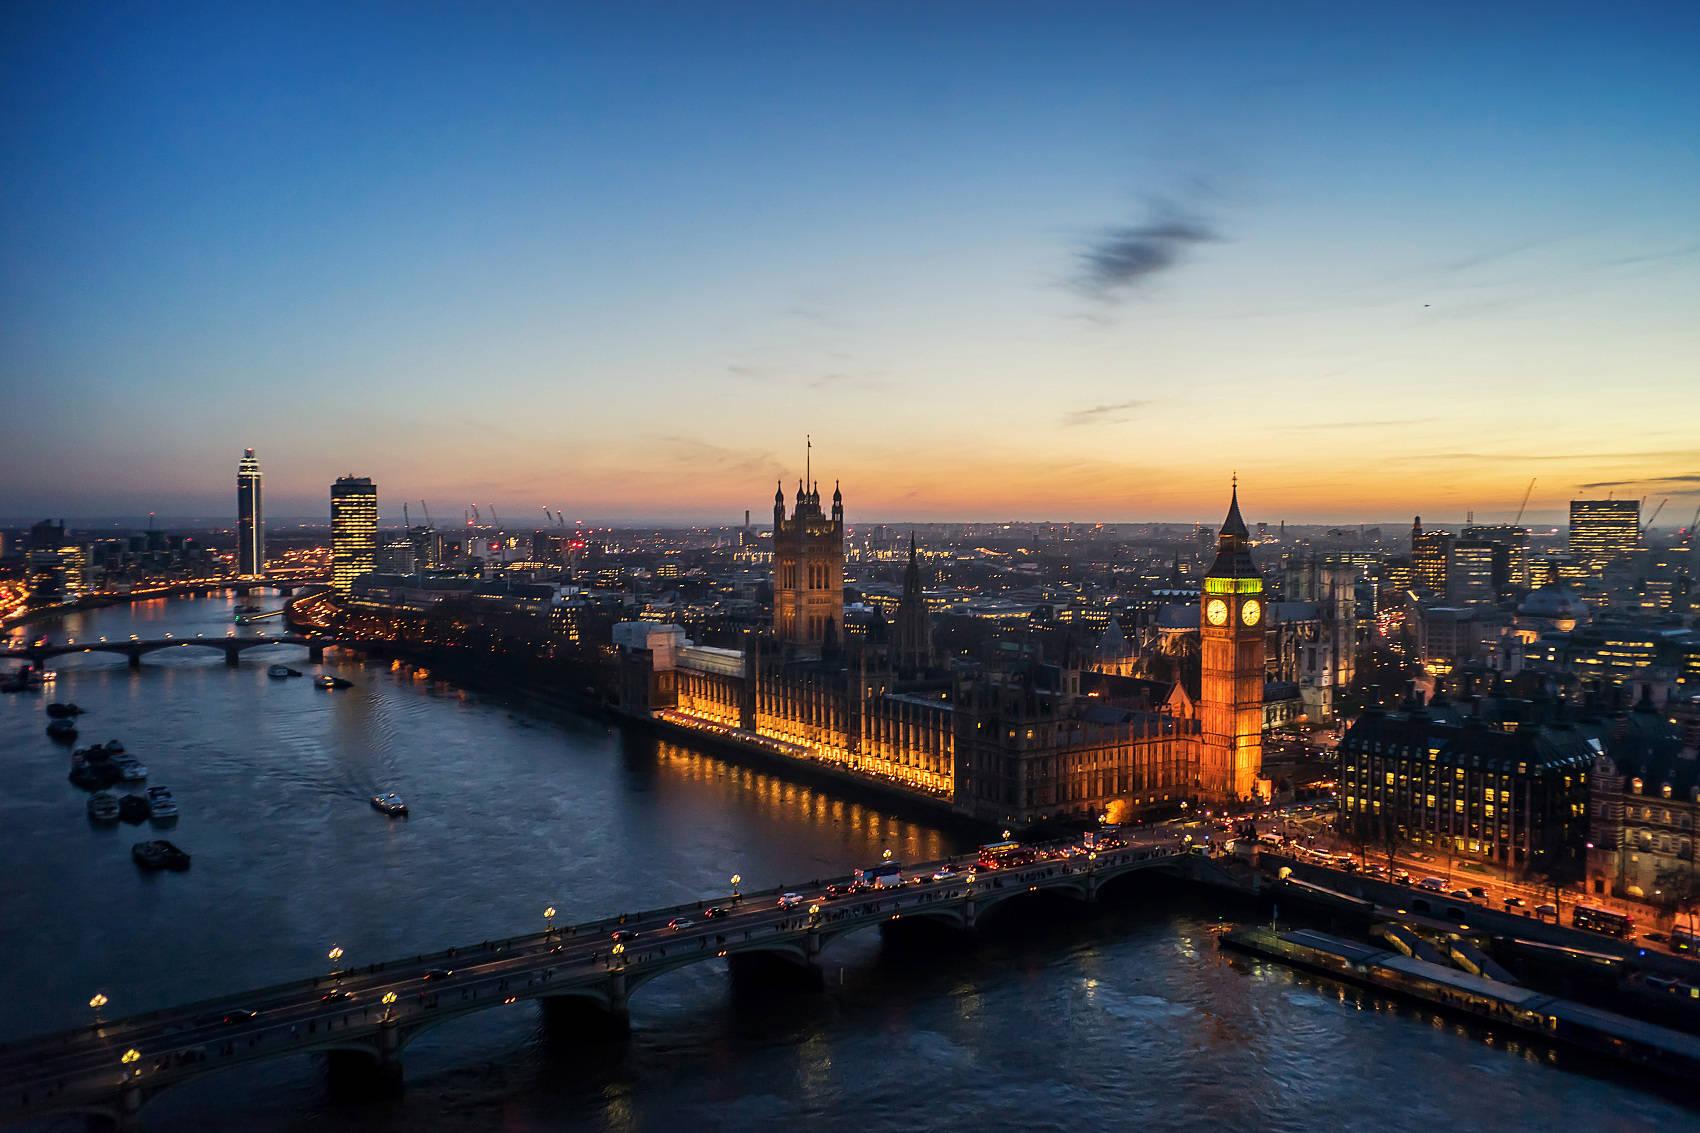 英国留学读研,商科硕士研究生优势与六大申请要点?